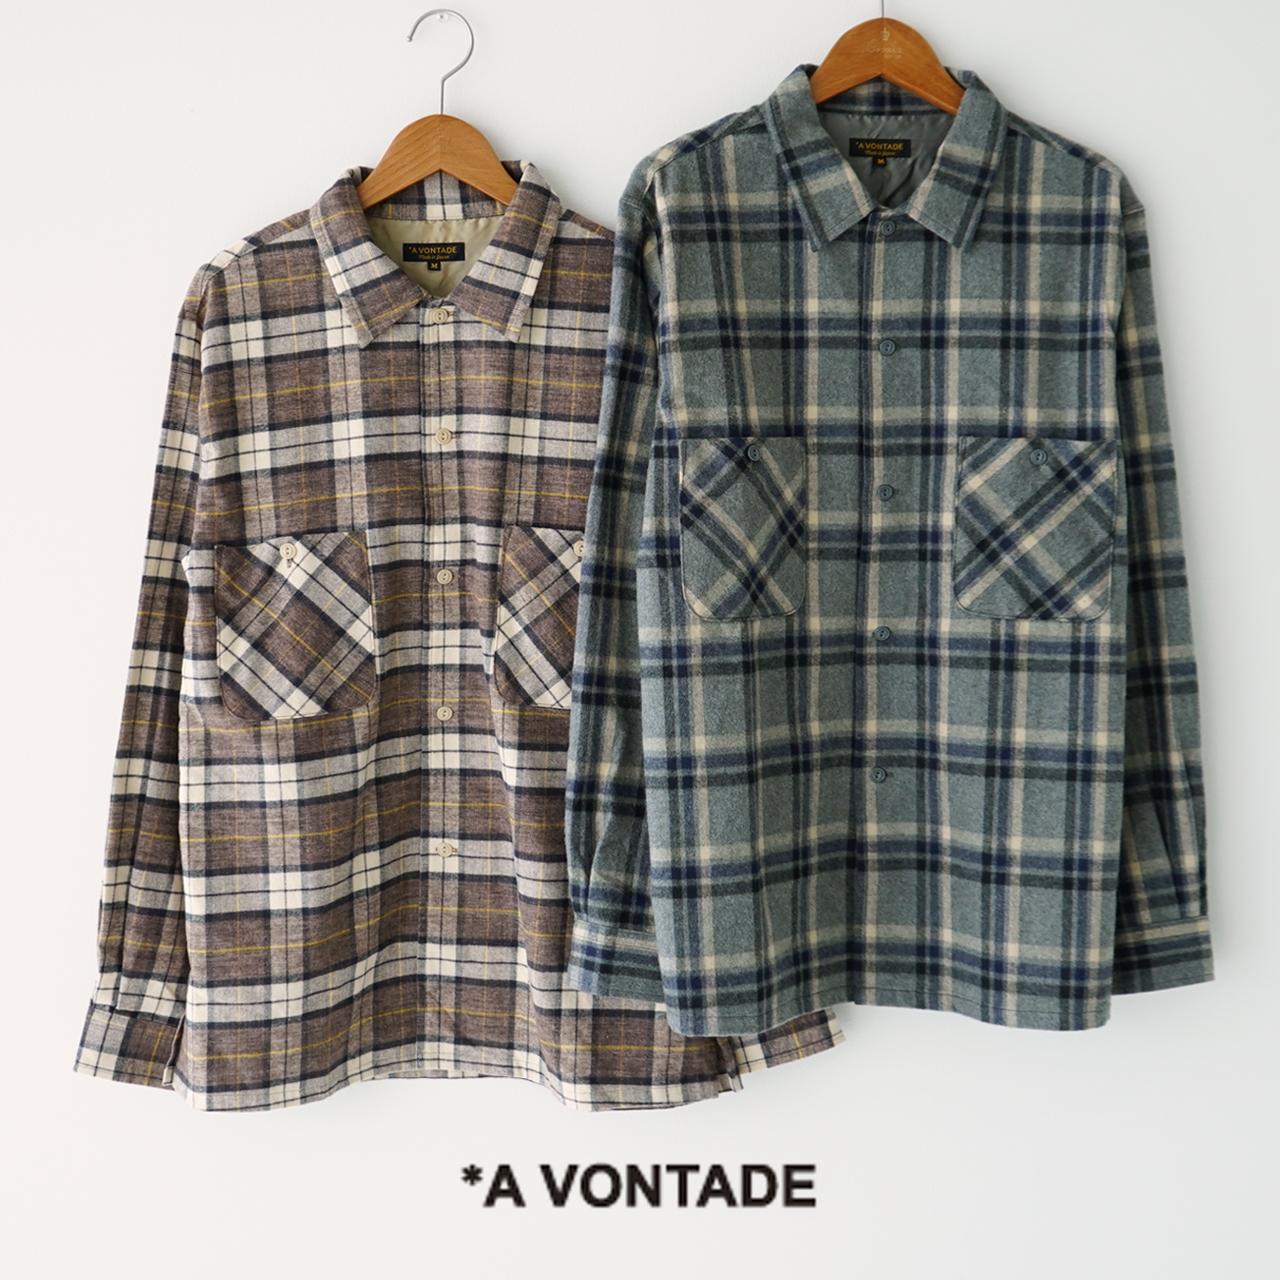 アボンタージ A VONTADE クレイジーチェック オープン シャツ Crazy Check Open Shirts L S ネルチェック ボックスシルエット 長袖 シャツ メンズ 2020秋冬 トップス VTD-0332-SH 【送料無料】 0830